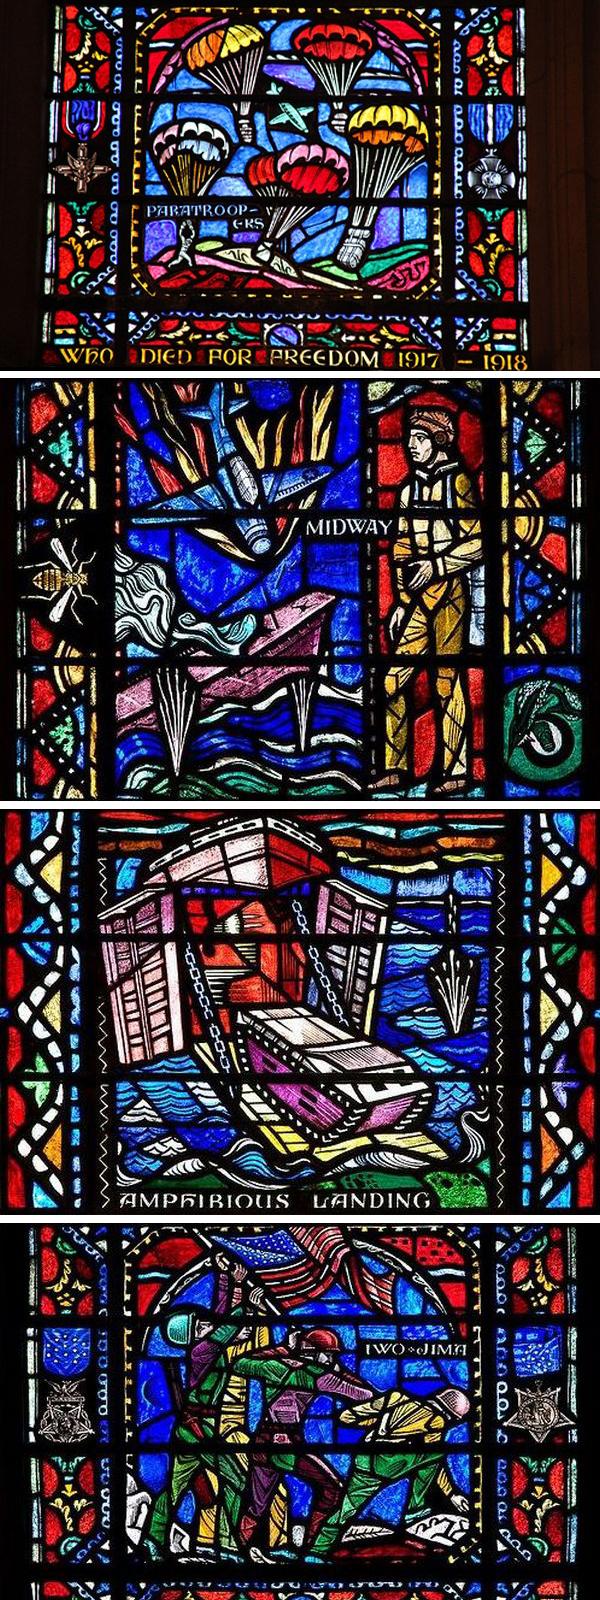 washington national cathedral darth vader2.jpg